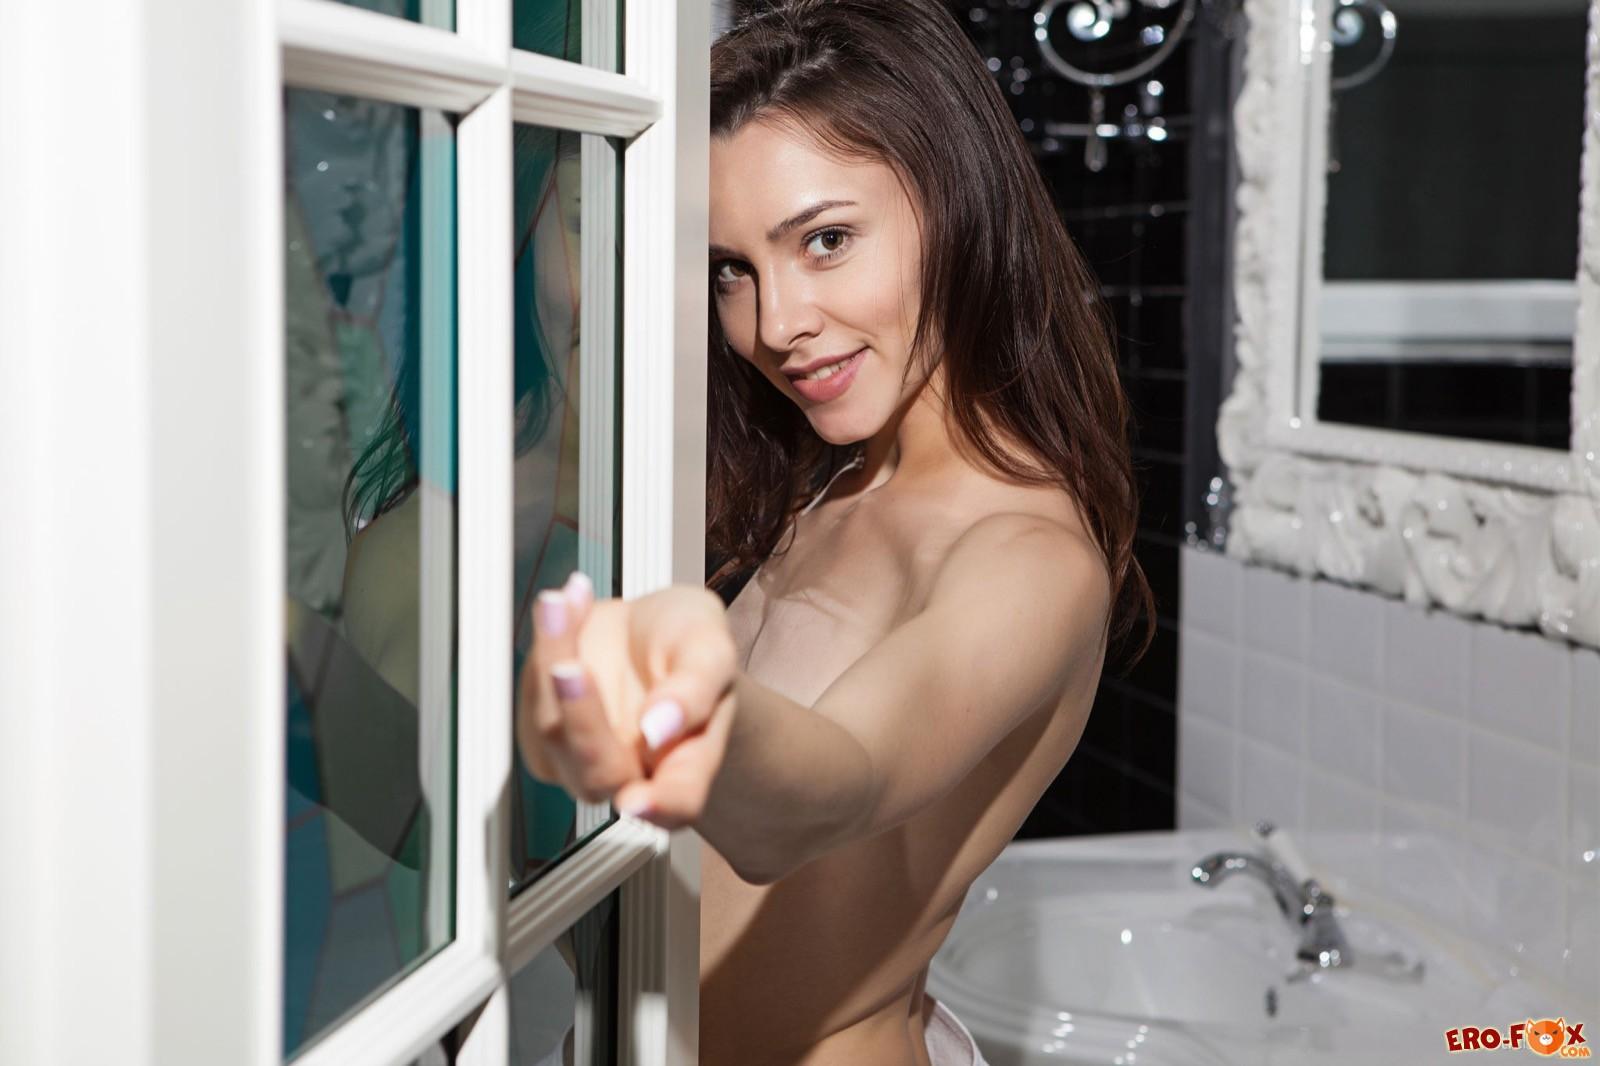 Худая милашка скинула полотенце показав тело в ванной